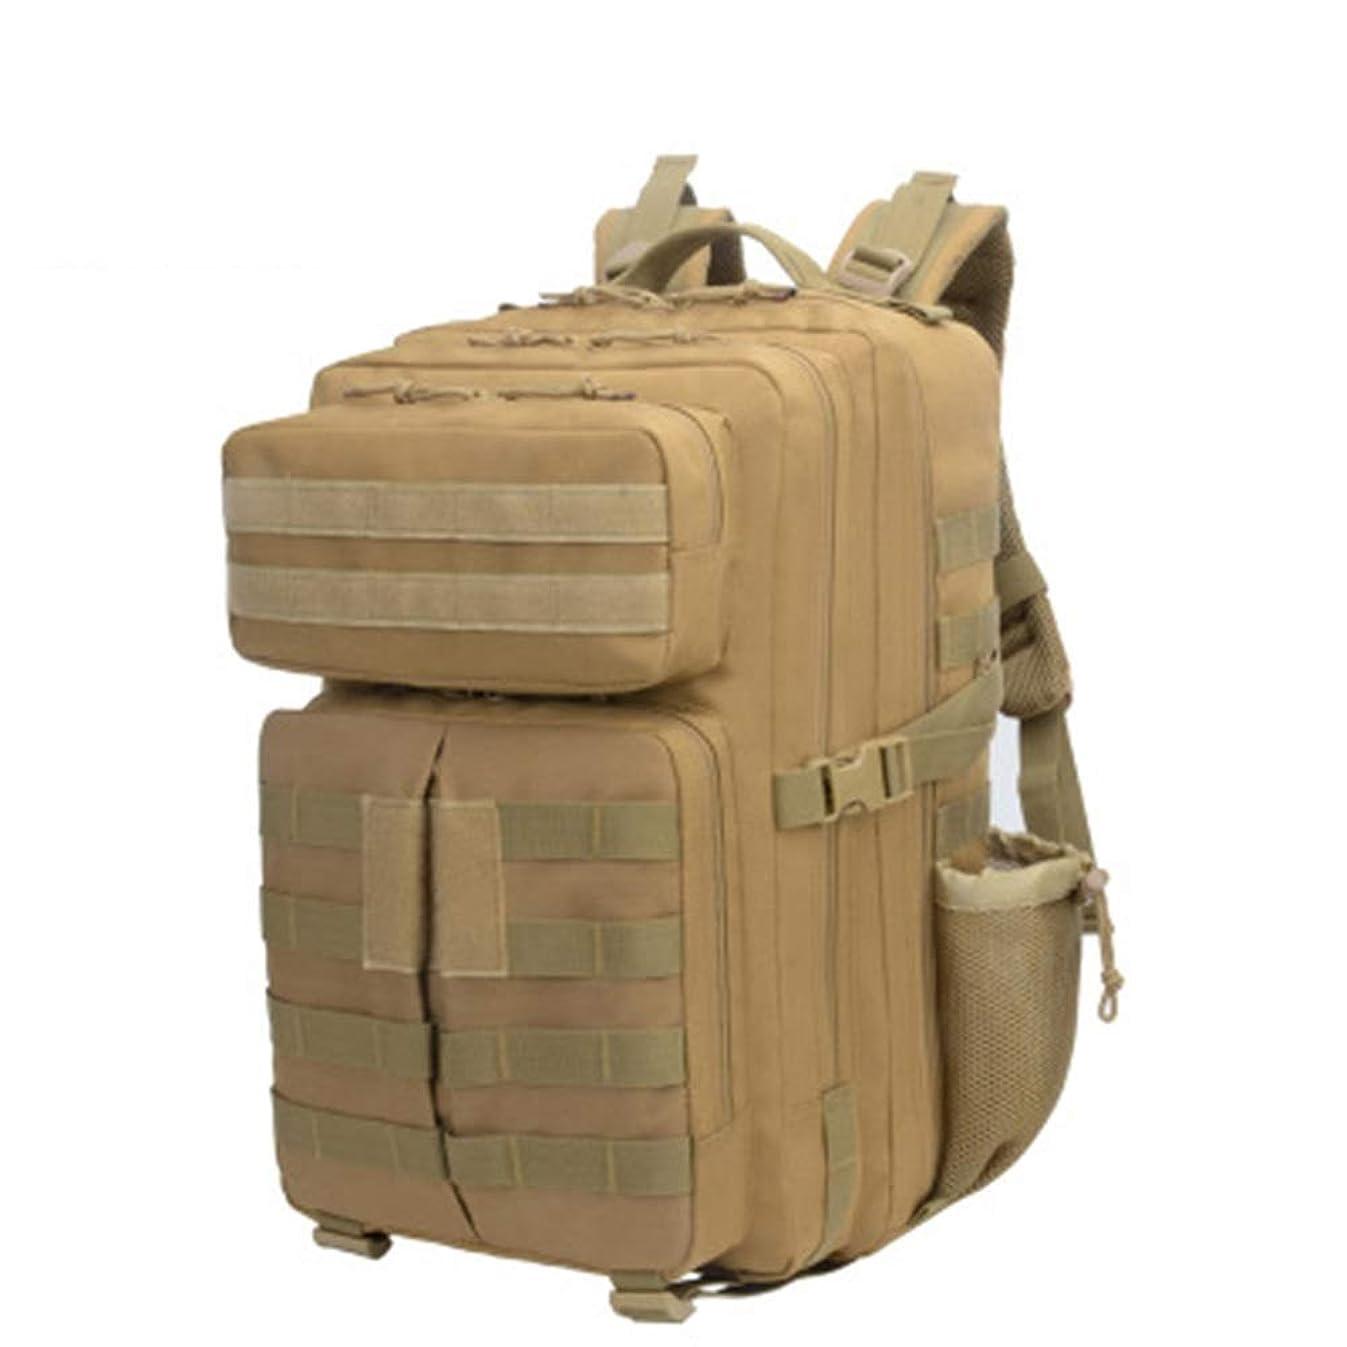 不測の事態疼痛レザー通気性 大容量の多機能バックパック/オックスフォード素材ウェア耐久性のある/カジュアルな屋外バッグ大容量のライブ戦術バックパック (色 : Brown)